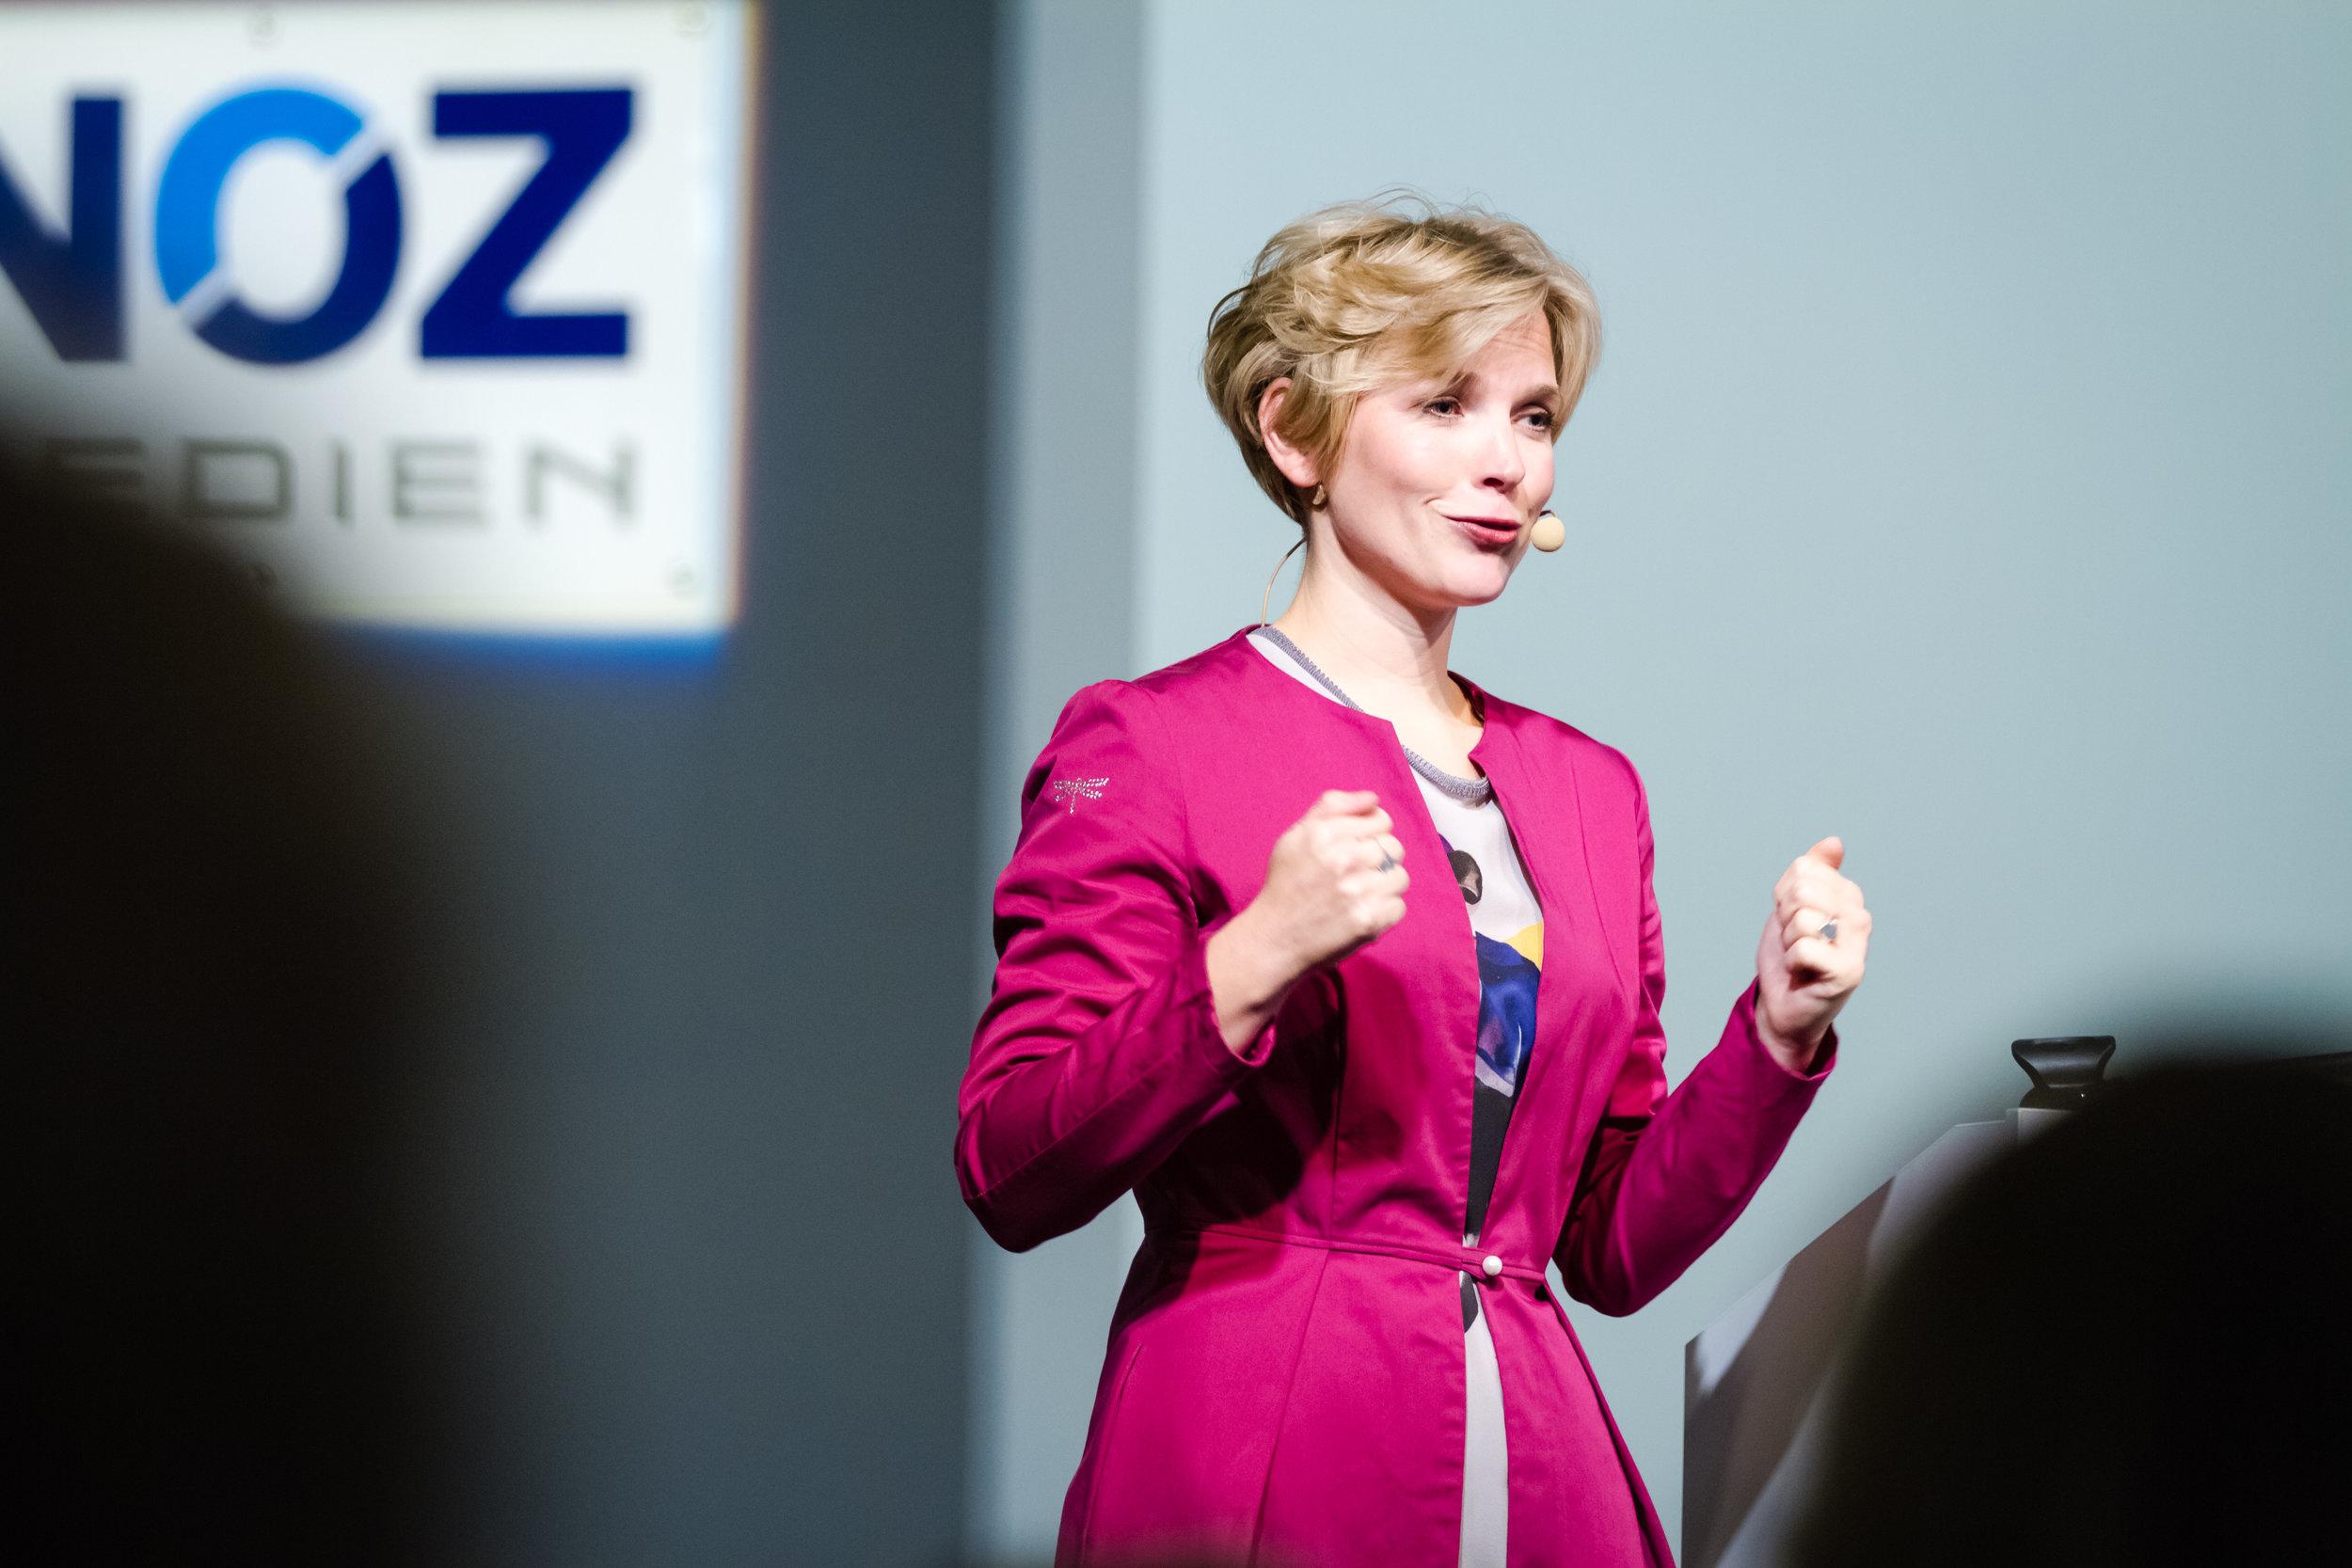 Impressionen aus einem Vortrag für die NOZ – Neue Osnabrücker Zeitung